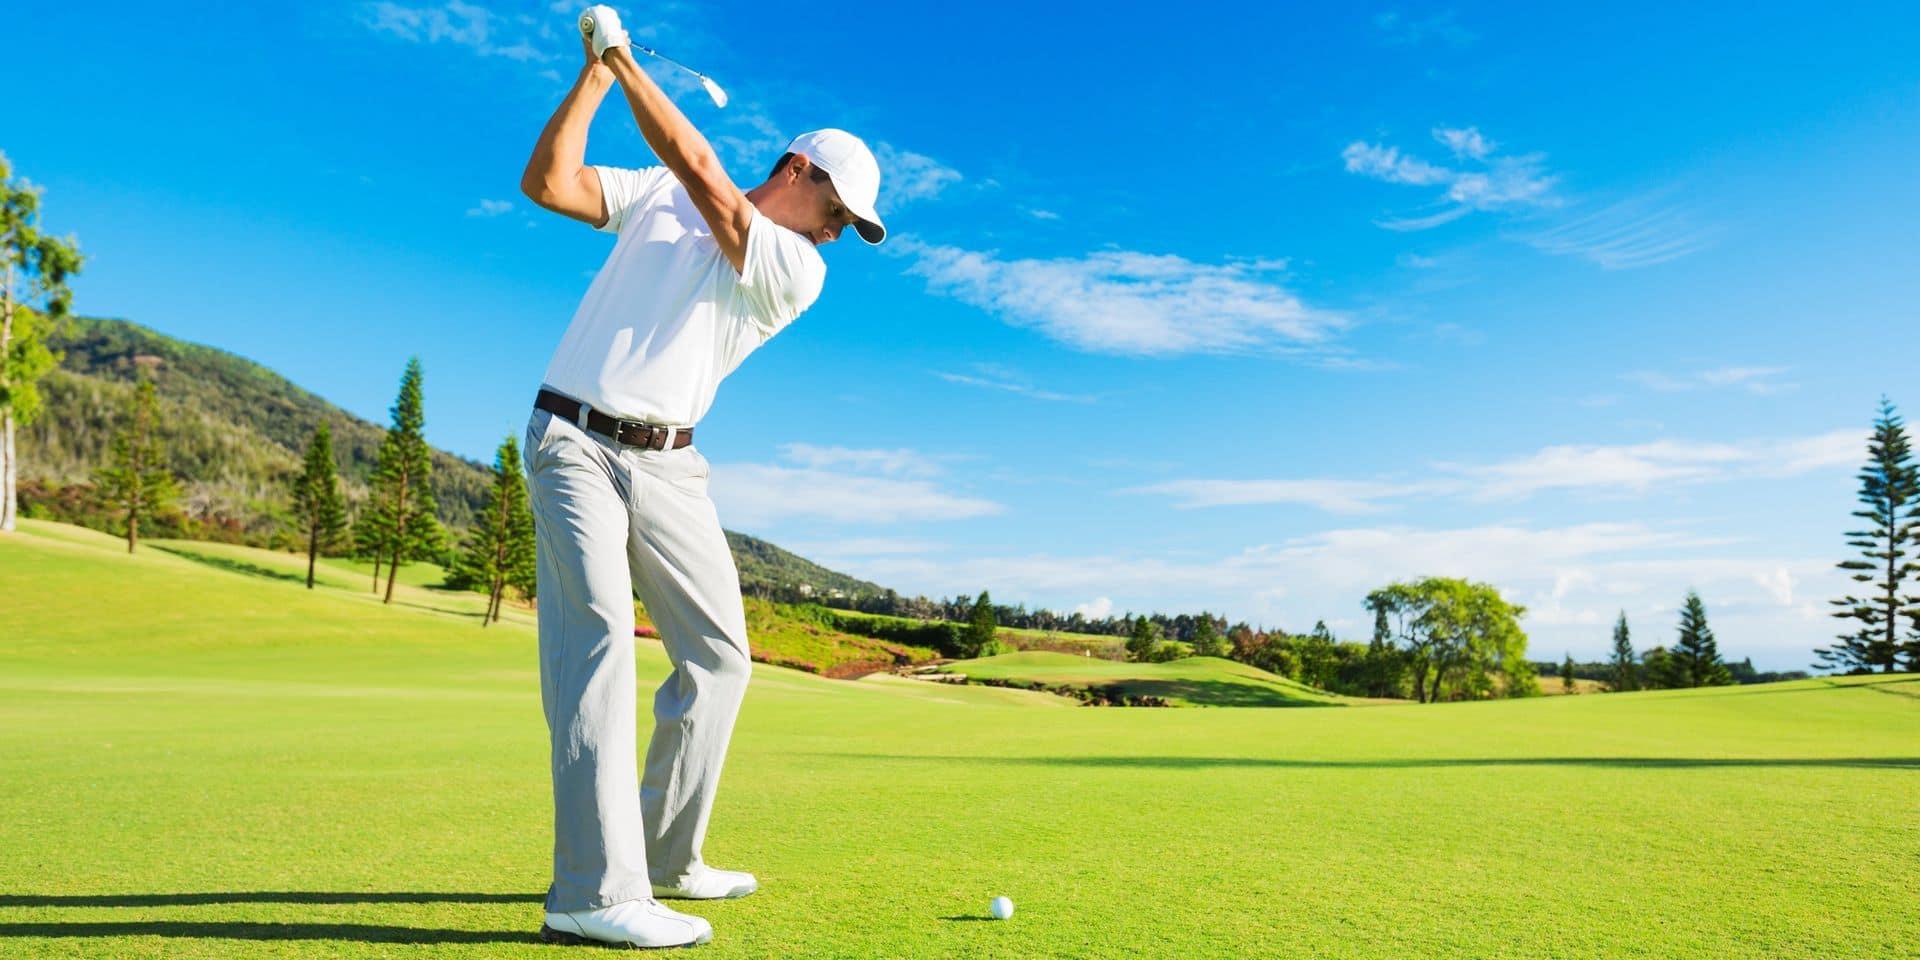 Réservé aux hommes depuis 108 ans, ce club de golf est désormais accessible aux femmes